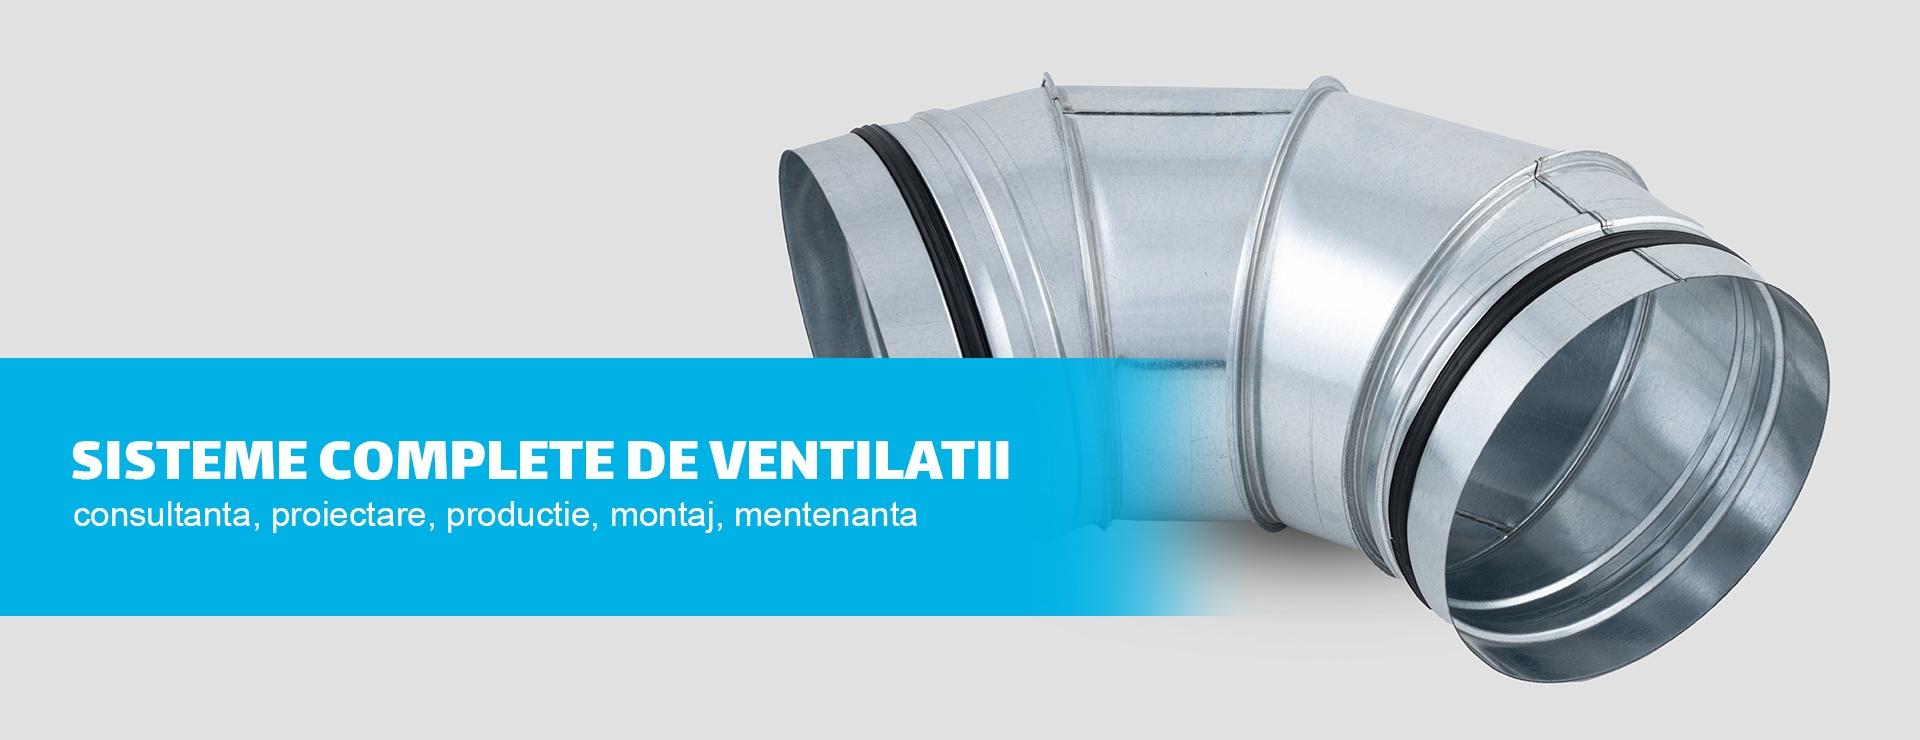 Producator sisteme de ventilatii